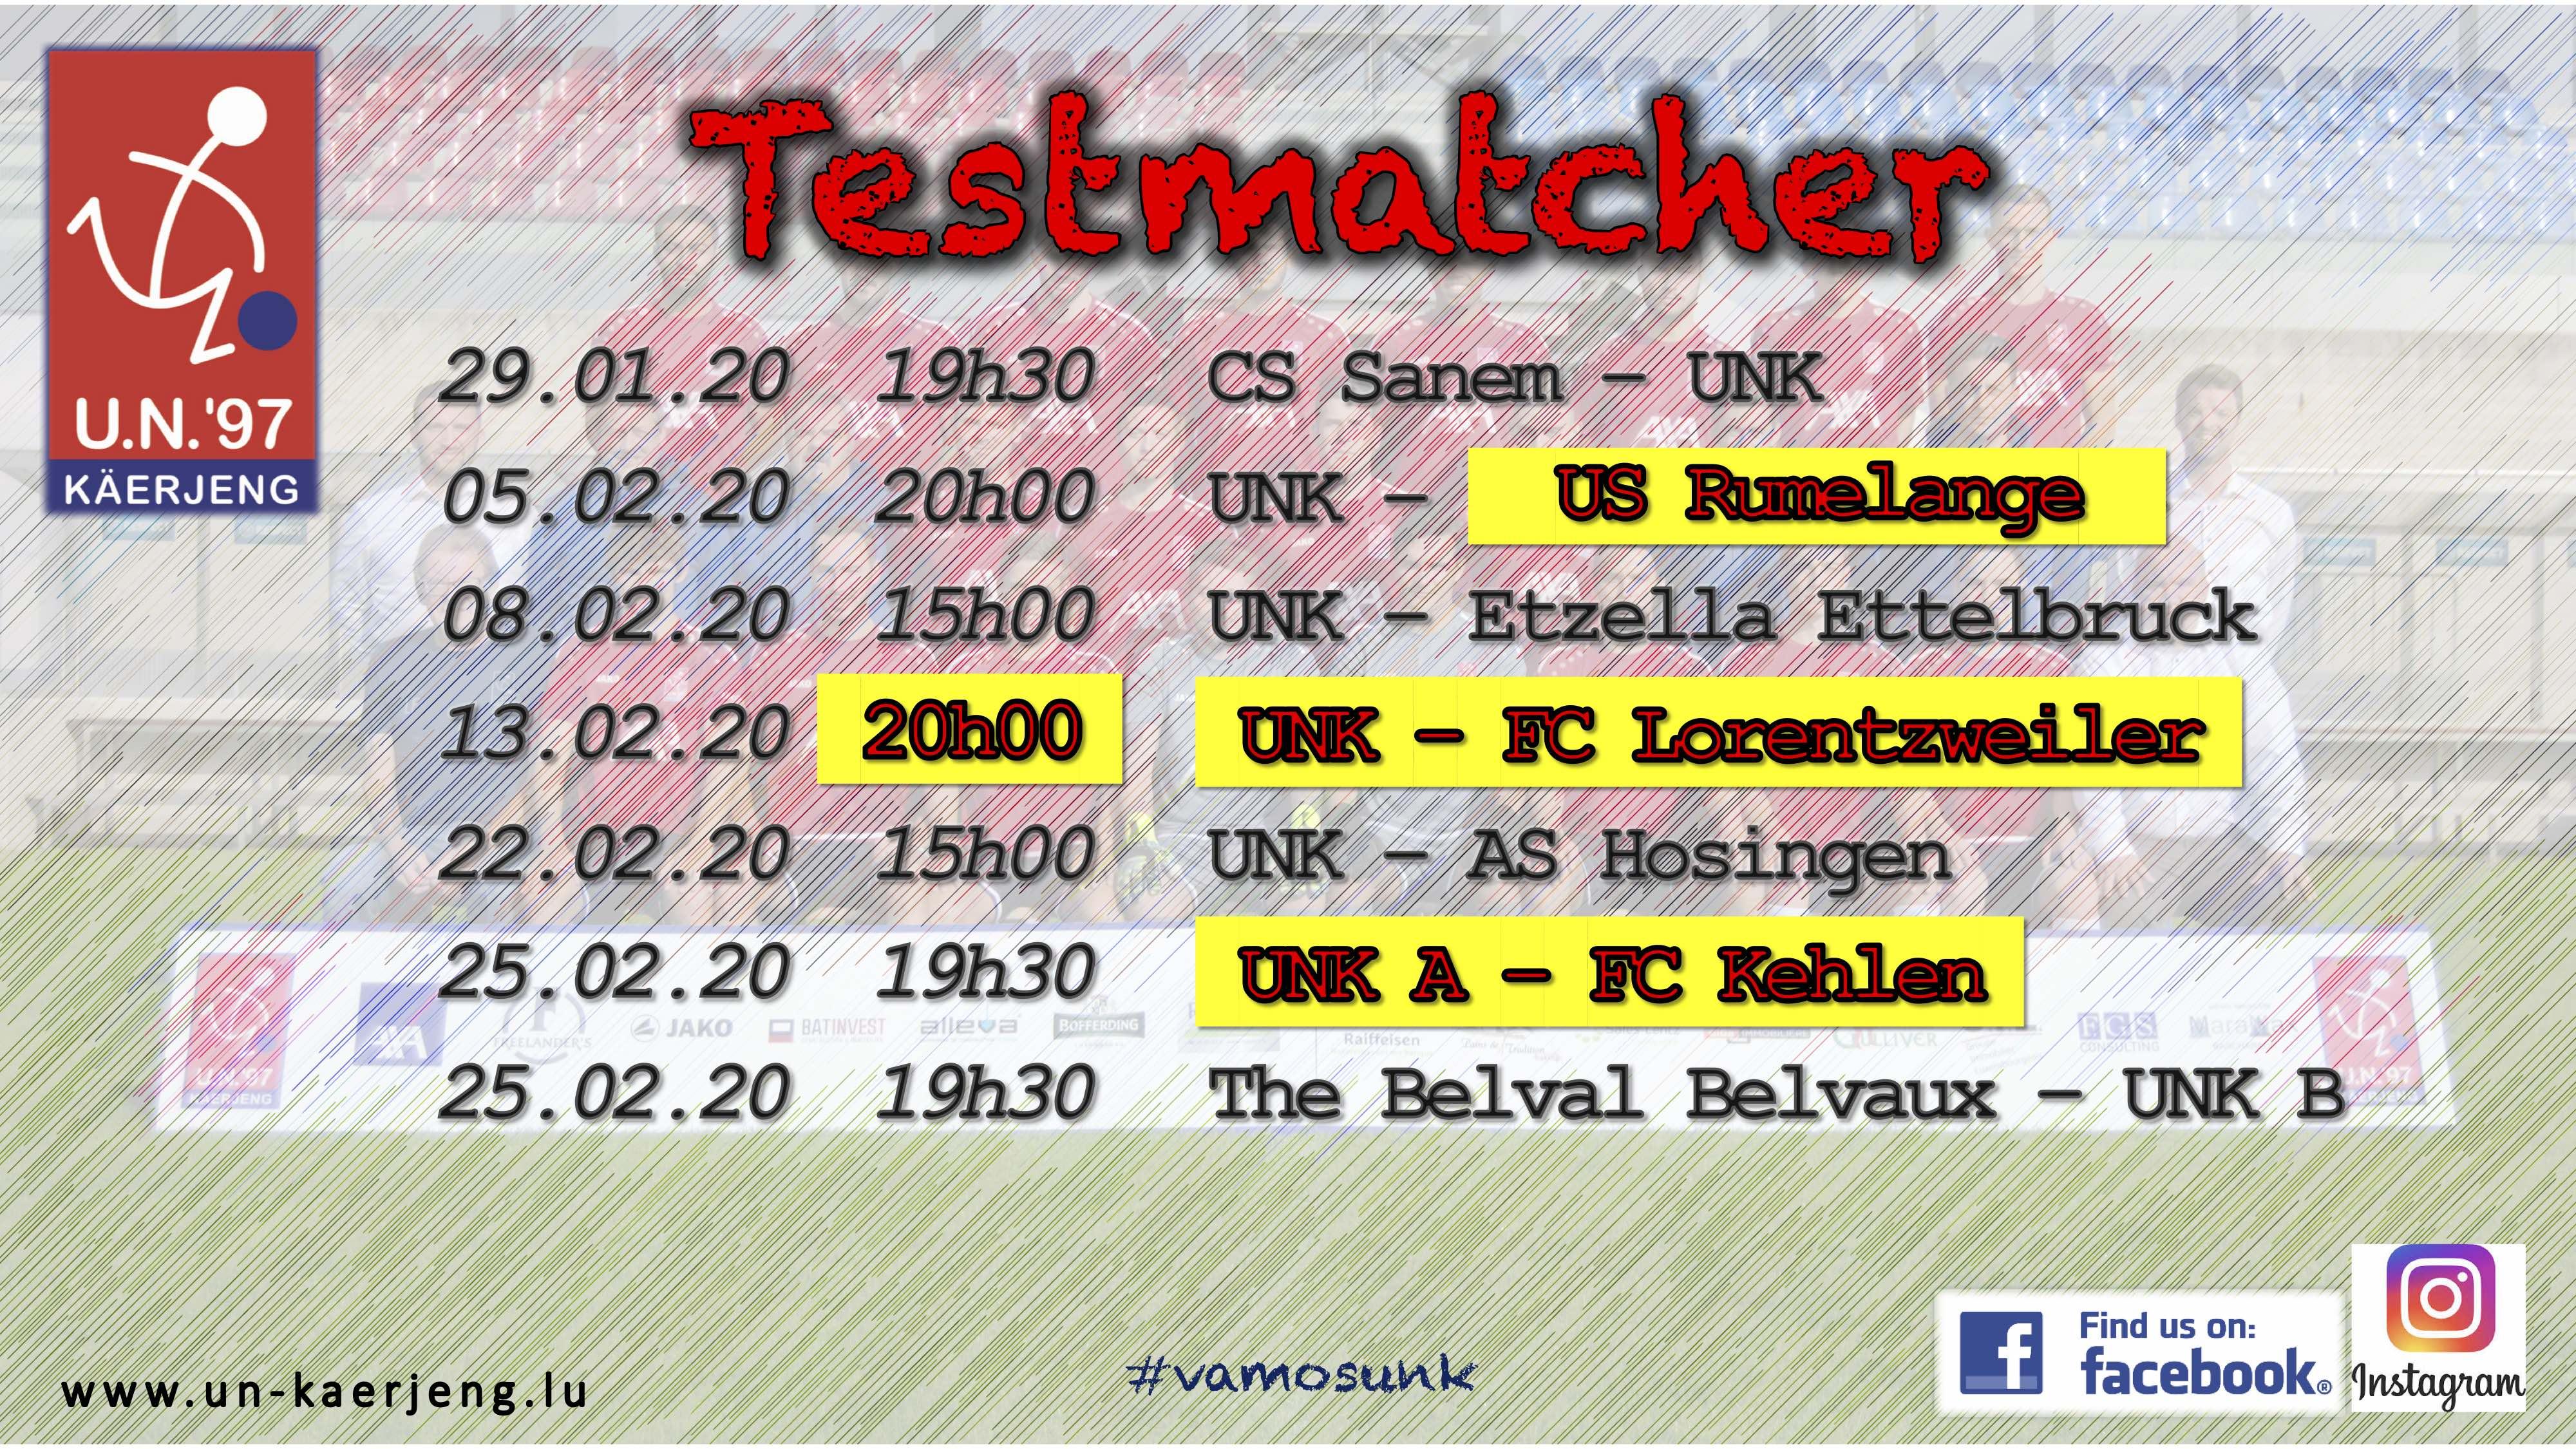 *** Update Programm Testmatcher ***